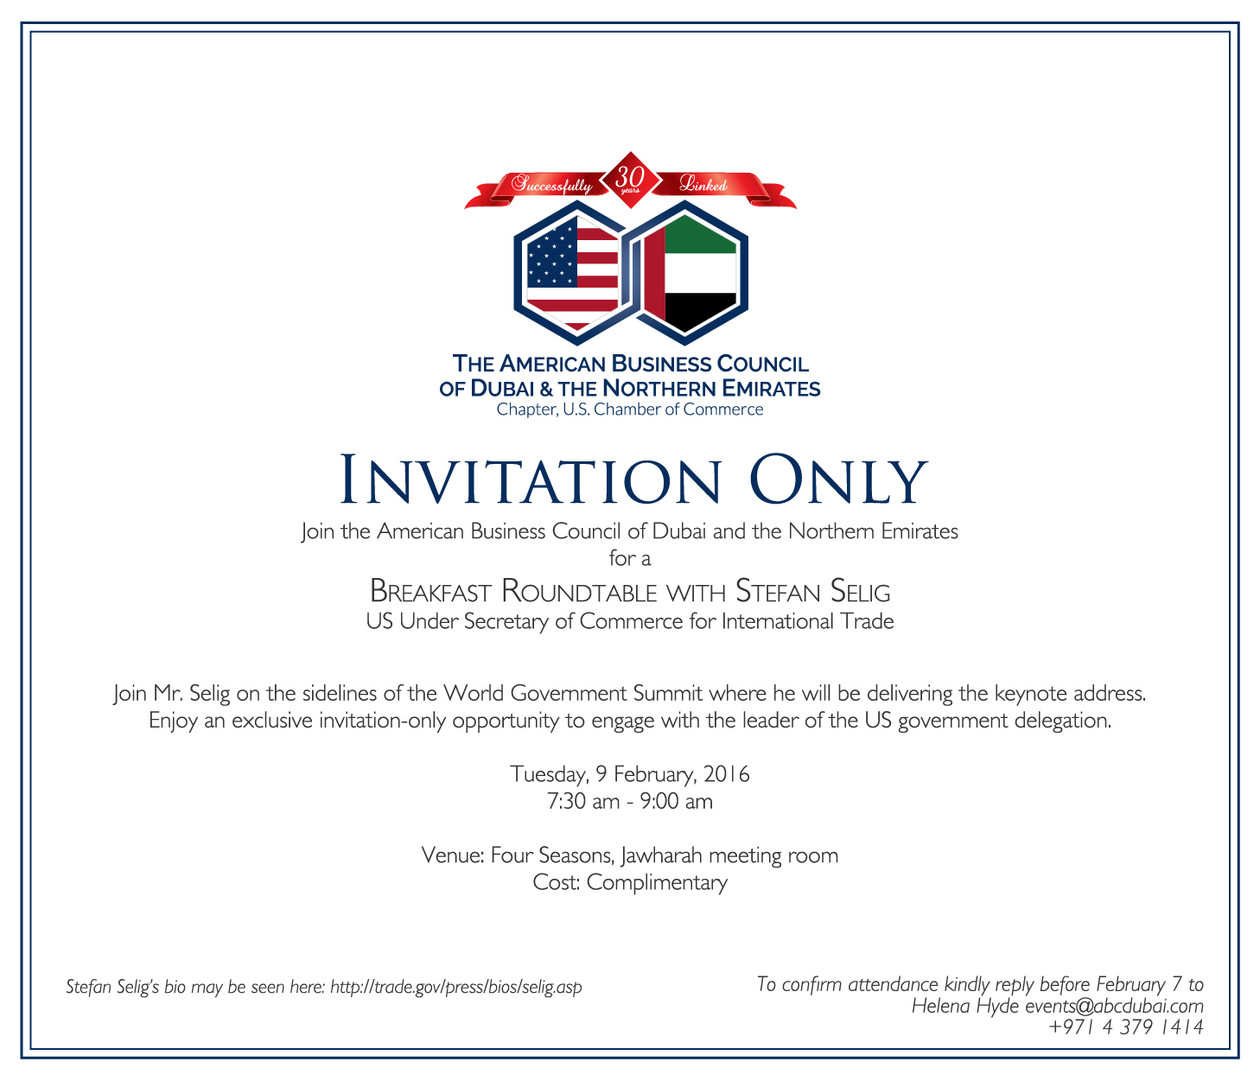 American Business Council Invitation